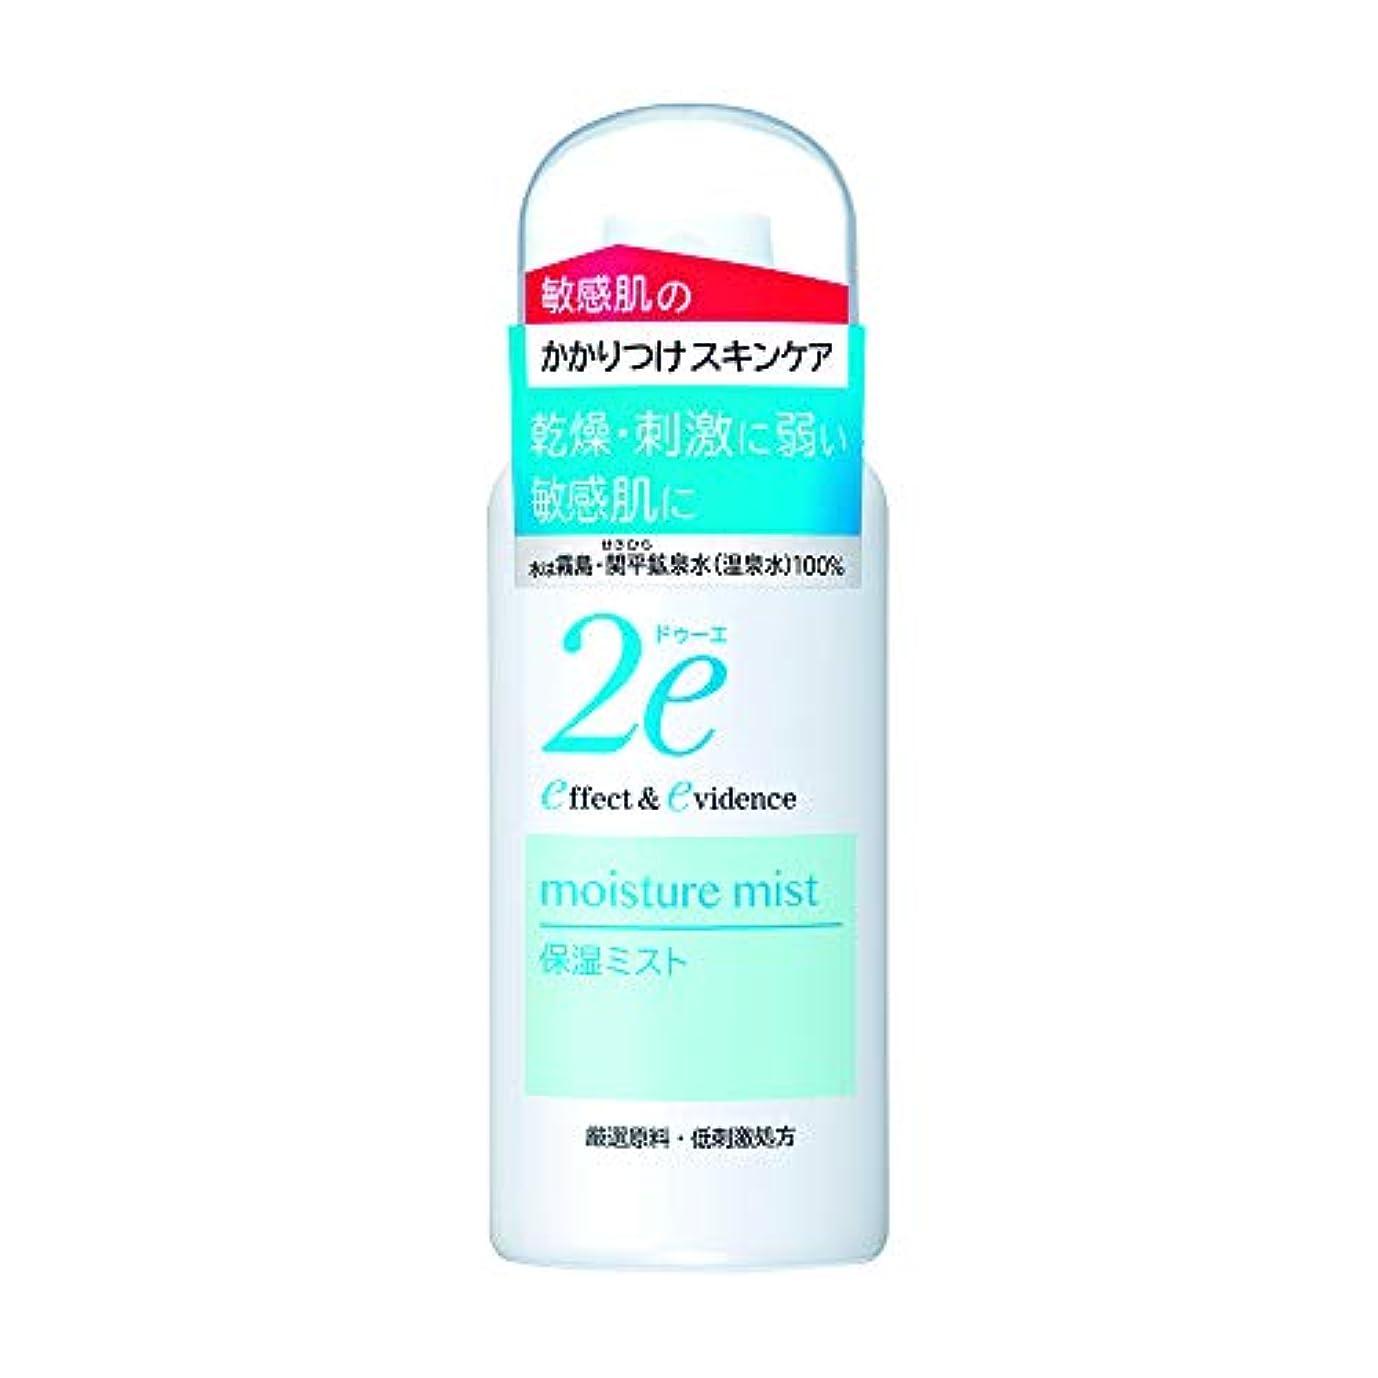 強打強度酔う2e(ドゥーエ) 保湿ミスト 携帯用 敏感肌用化粧水 スプレータイプ 低刺激処方 50g